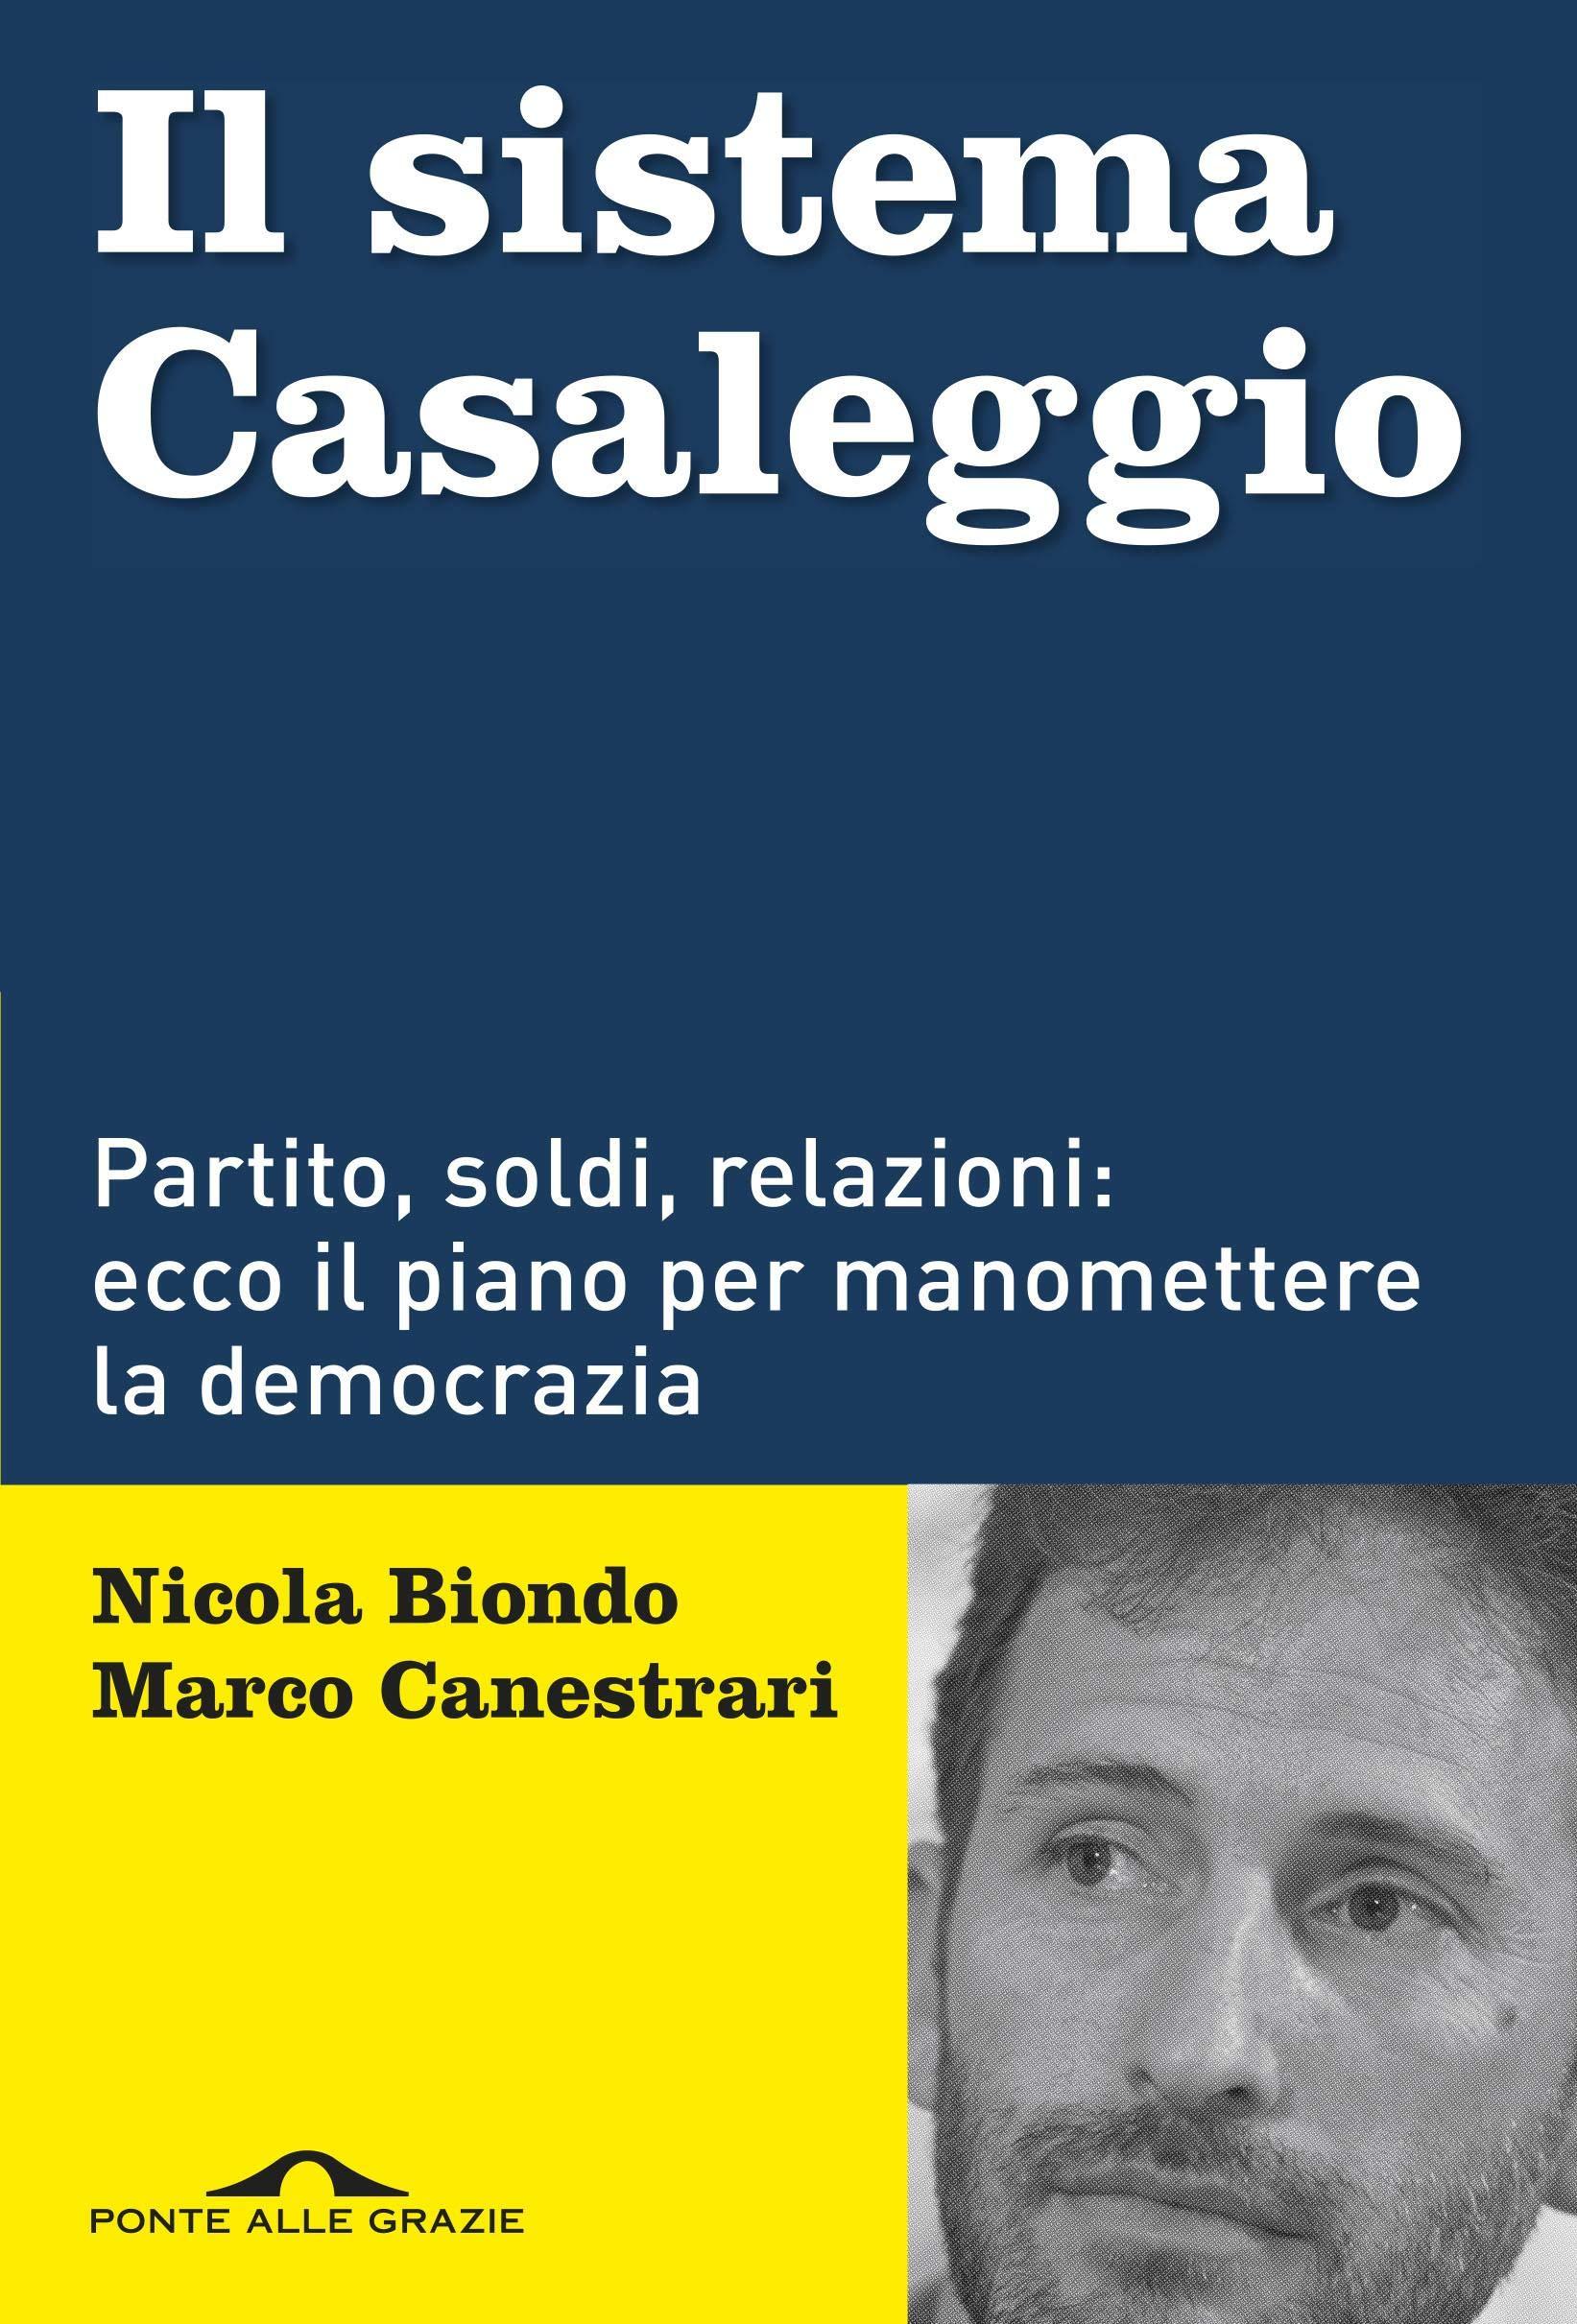 Il sistema Casaleggio (Italian Edition)